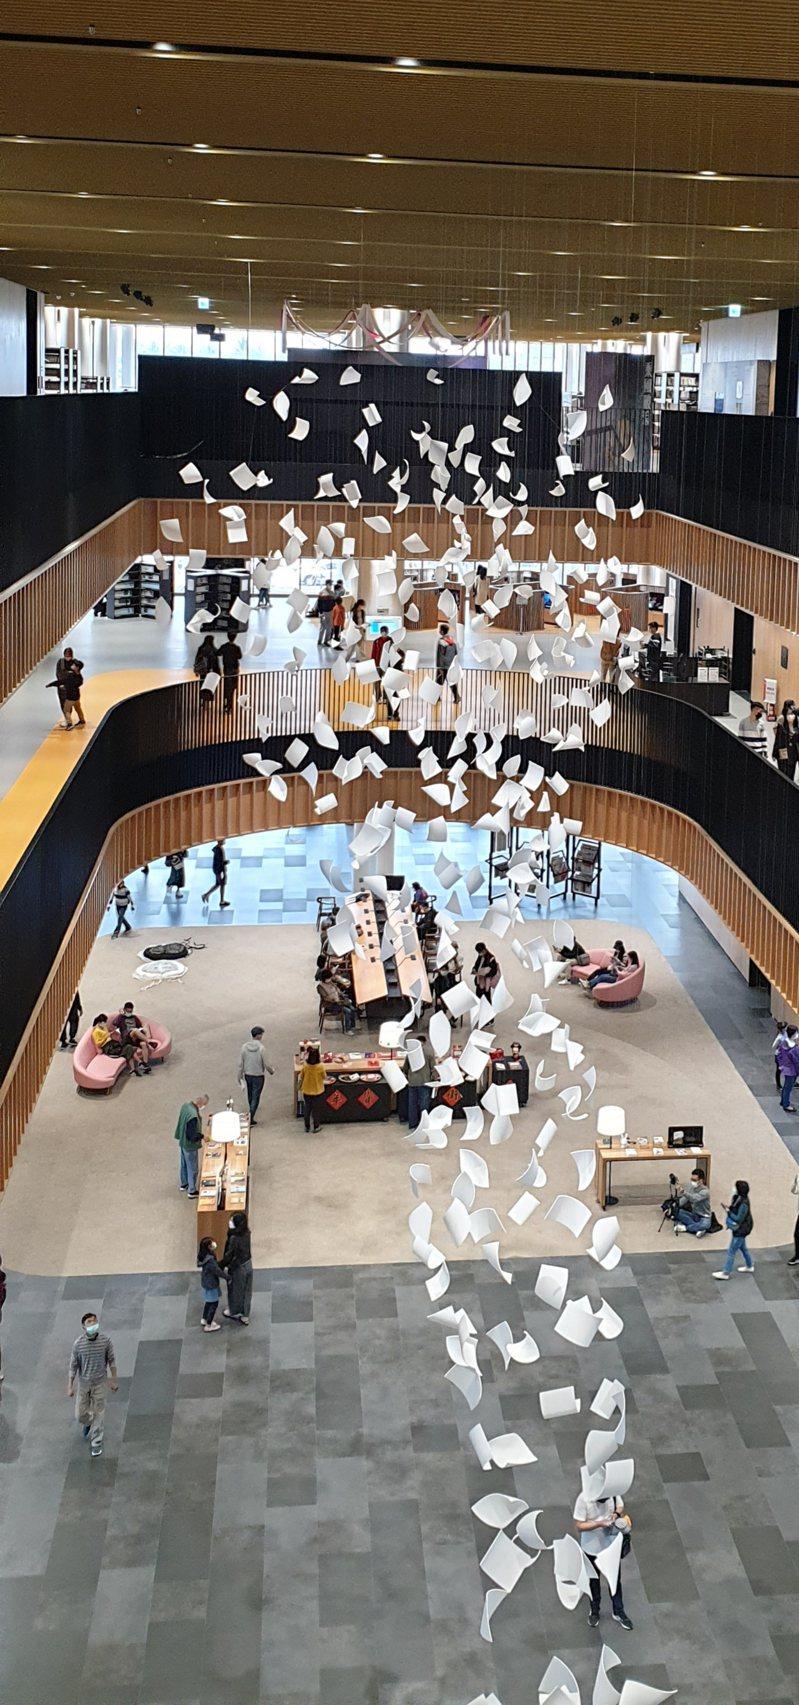 台南市立圖書館總圖邀請英國藝術家保羅.考克斯基在大廳創作公共藝術「陣風」,凝結書頁的瞬間凝結下來,也讓圖書館變身網紅打卡的美麗景點。此一公共藝術定期請藝術團隊回來維修,並有「零件」可供替換。記者陳宛茜/攝影